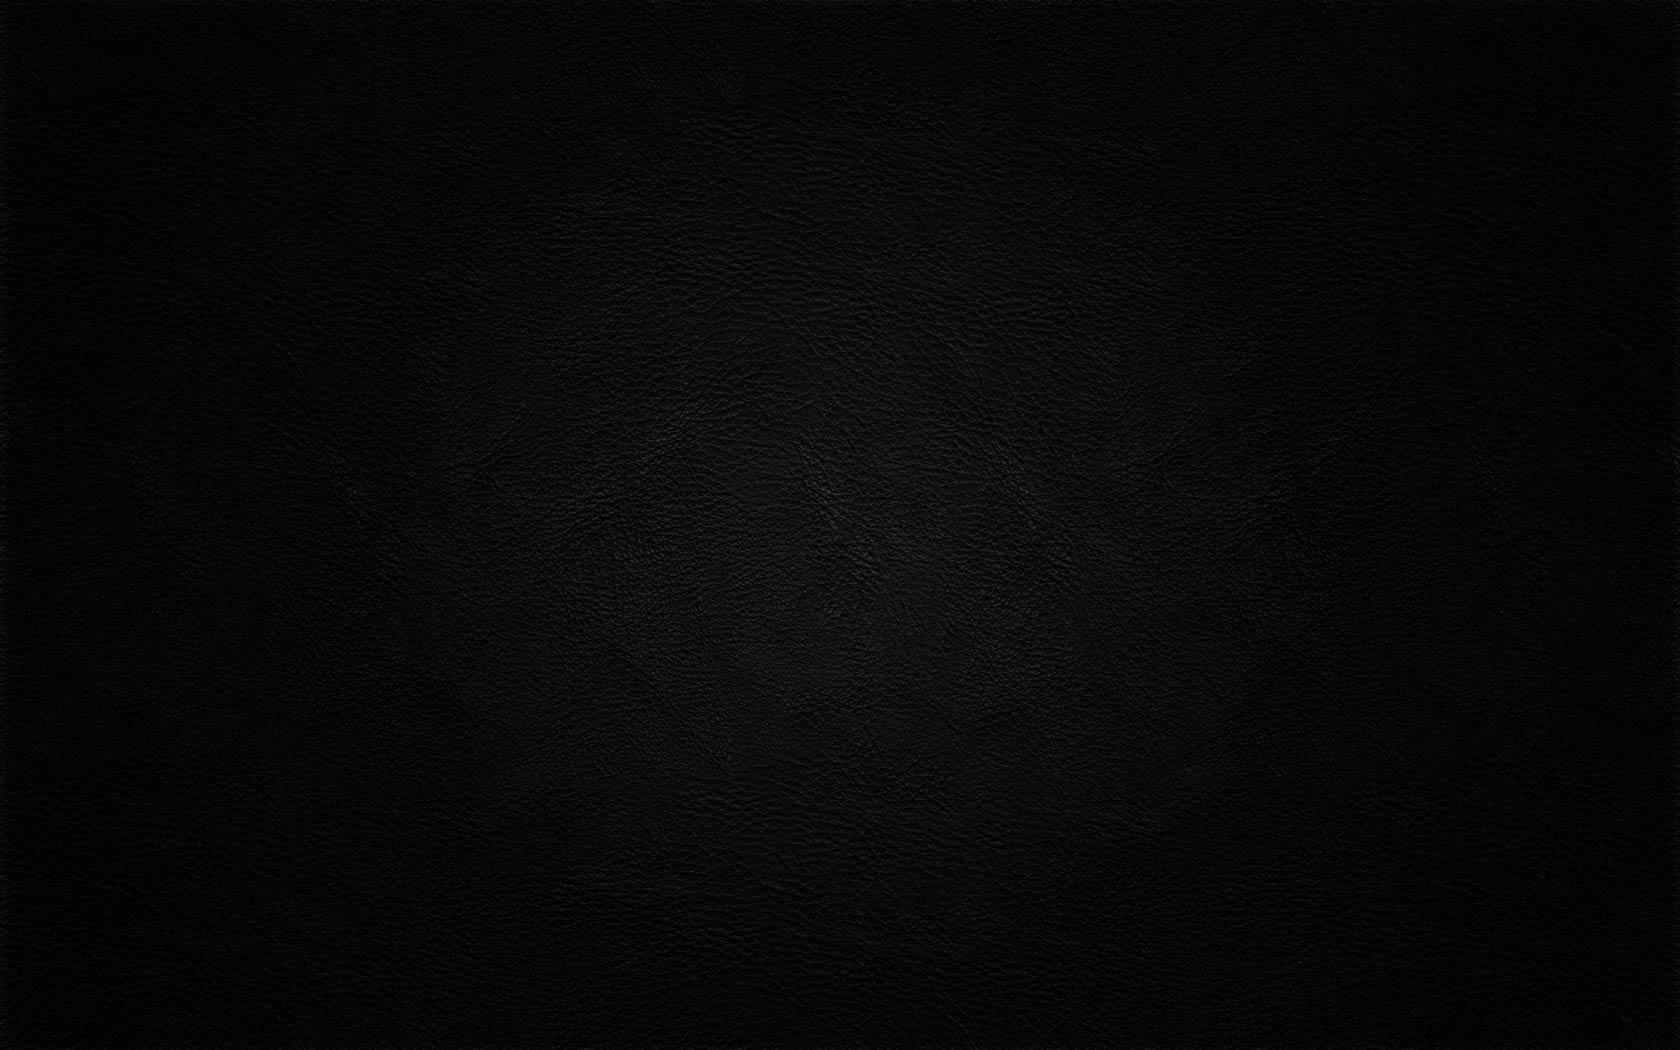 Neri Computer Wallpapers, Sfondi Per Desktop | 1680x1050 | ID:474157